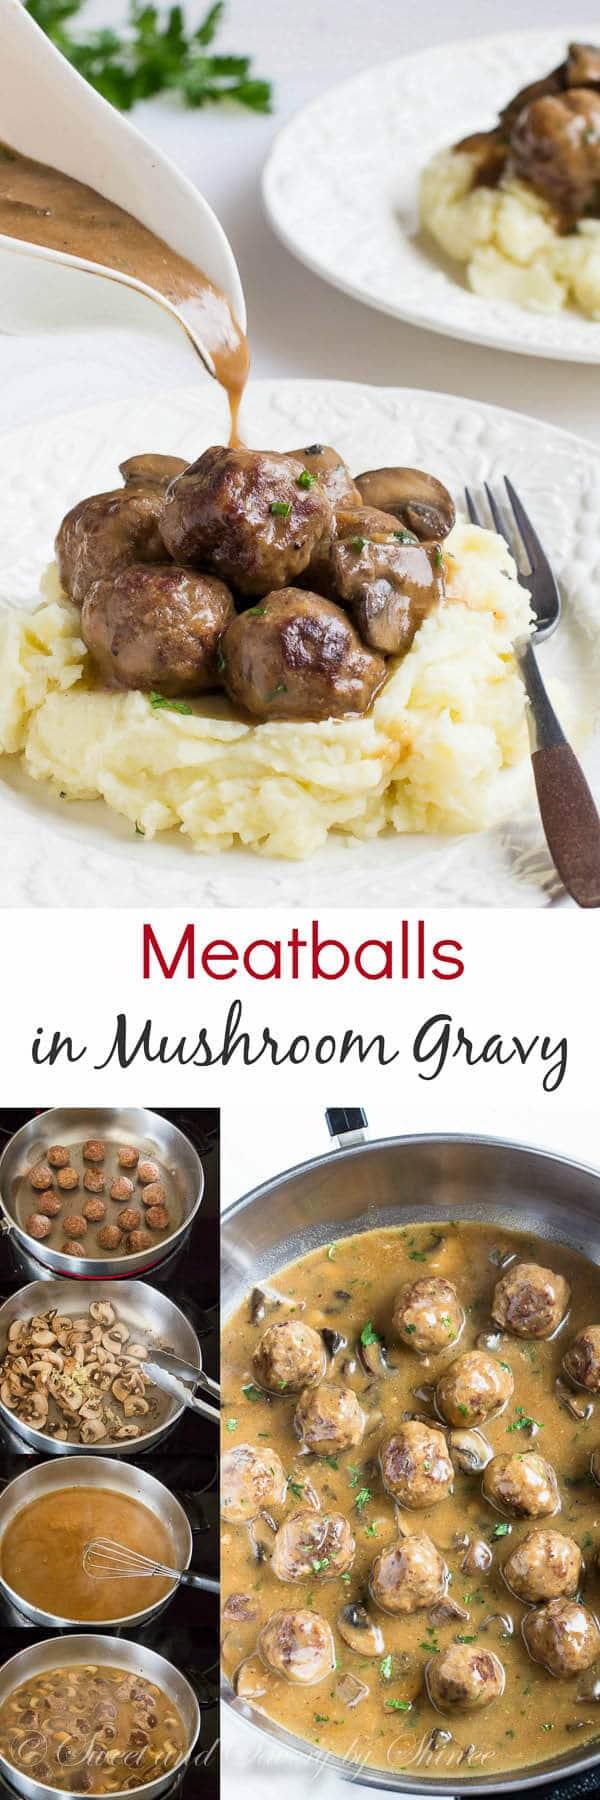 Meatballs in mushroom gravy